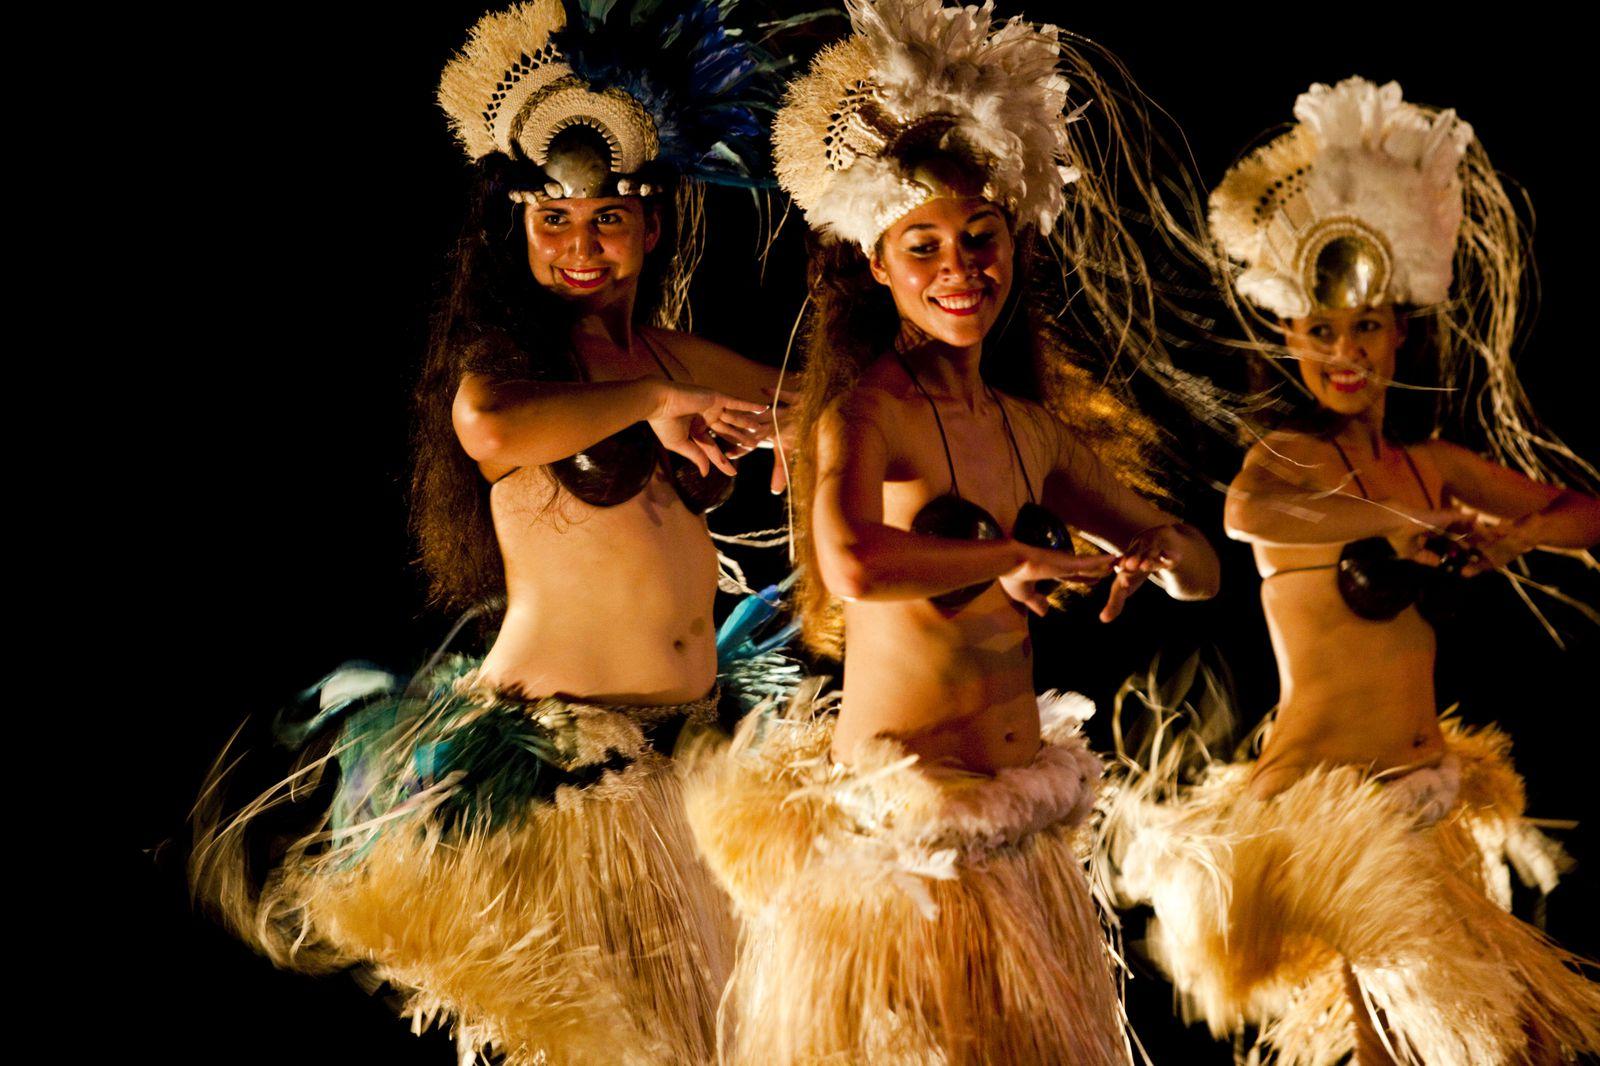 マオリの人々が伝えて来たポリネシア文化の中でも特に、実際に目にして帰りたいのが「ポリネシアンダンス」のショー。タヒチアンダンスのスタイルに非常に近いクック諸島のポリネシアンダンスは優美かつ情熱的。独特の腰だけを揺らす動きに目を奪われます。男性たちによる、キレのある激しい動きに火があわさる大迫力の踊りも注目。リゾートホテルのディナーショーなどでも見られますが、ラトロンガ島に2009年にオープンしたマオリの文化に触れられる観光施設「テ・ヴァラ・ヌイ・ヴィレッジ」で見るのもオススメ。ポリネシア伝統の料理と共に、ダンスと音楽のパフォーマンスを楽しめます。テ・ヴァラ・ヌイ・ヴィレッジには他にも、ポリネシア伝統の彫刻や編み物、ココナッツの利用方法、ダンスの衣装の作り方の実演など、様々なアクティビティが用意されています。